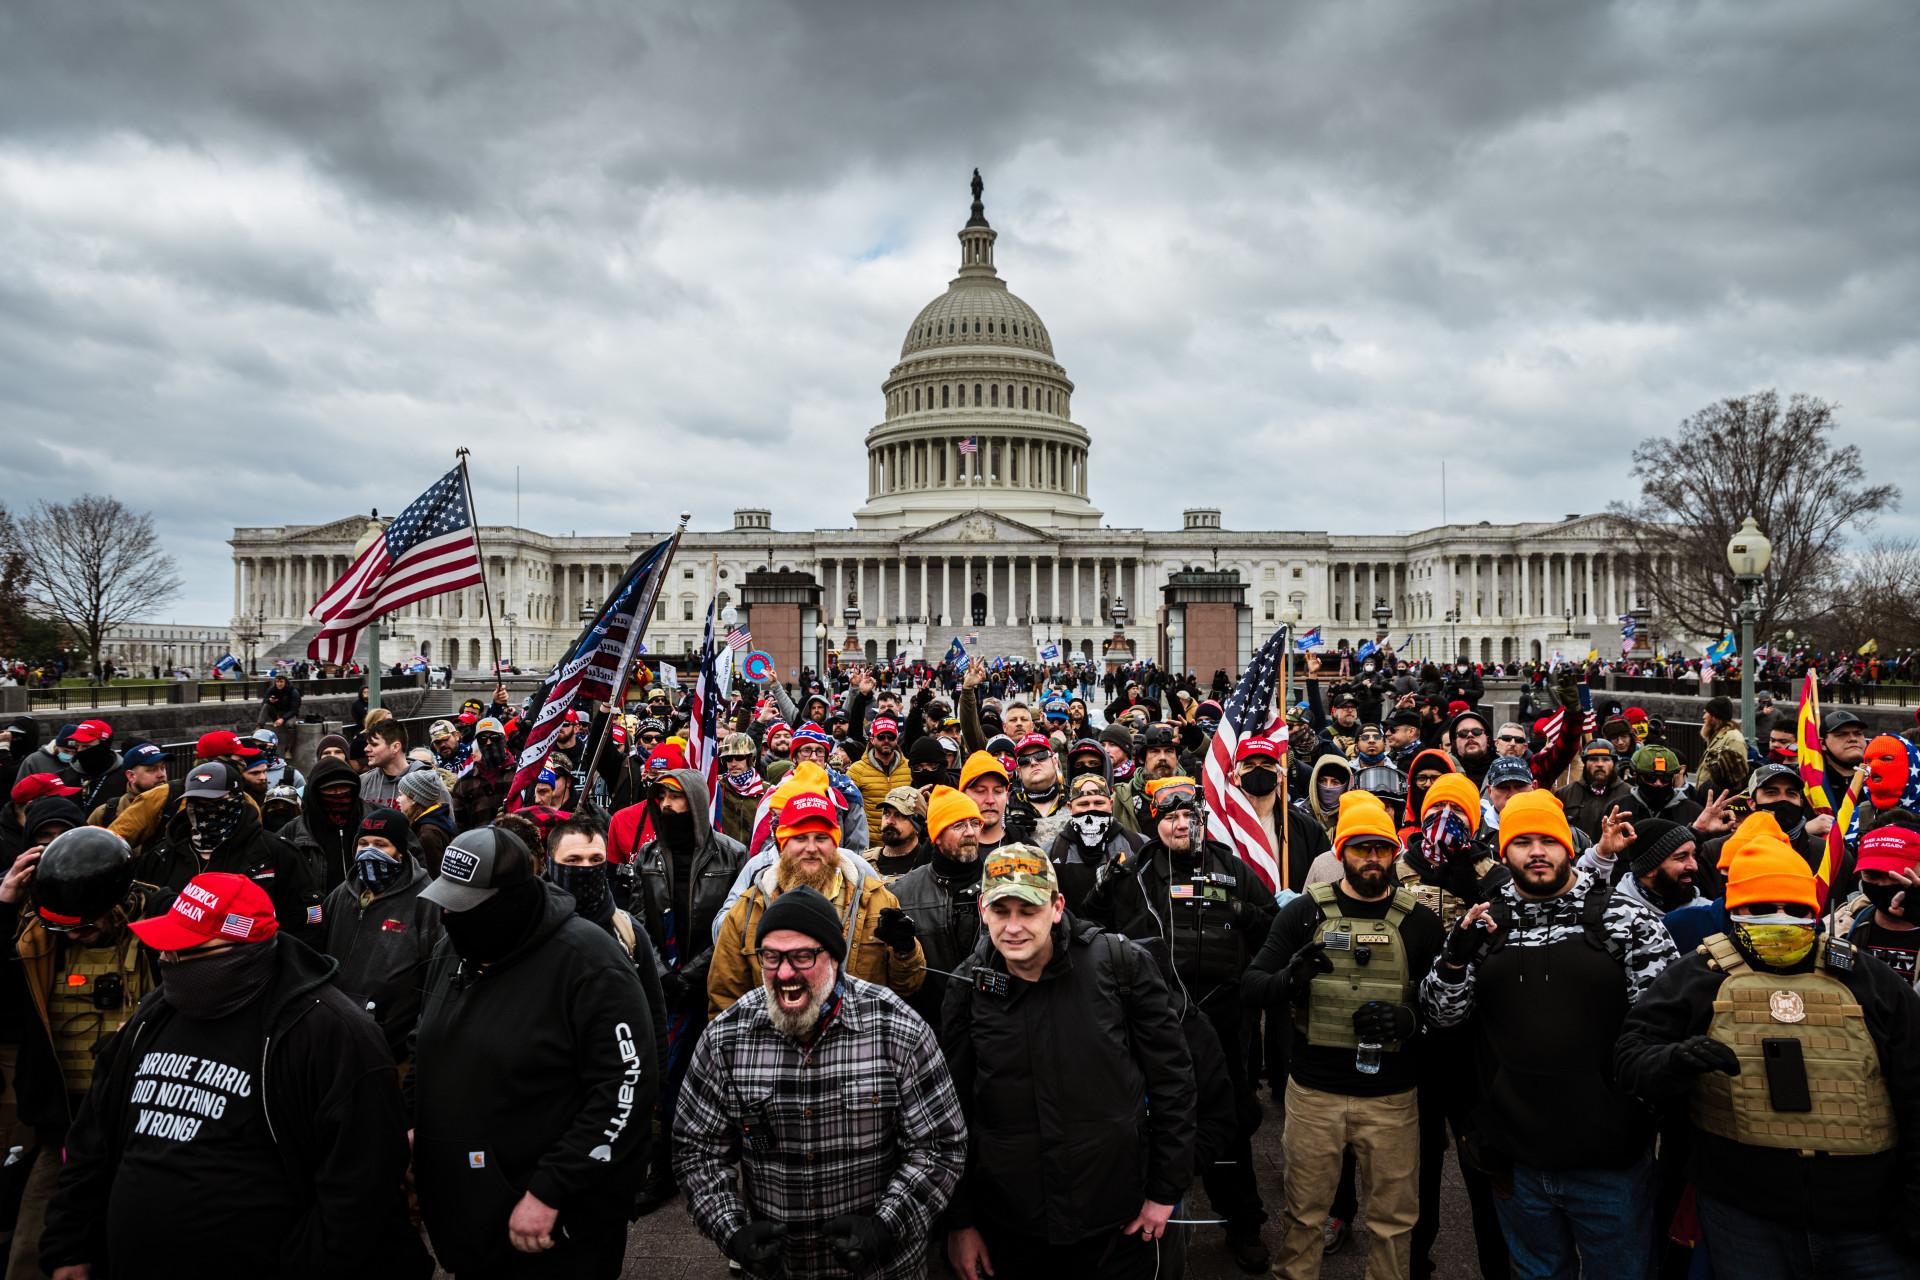 A invasão do Congresso dos Estados Unidos, em Washington, por apoiadores do presidente Donald Trump, nesta quarta-feira, 6, proporcionou